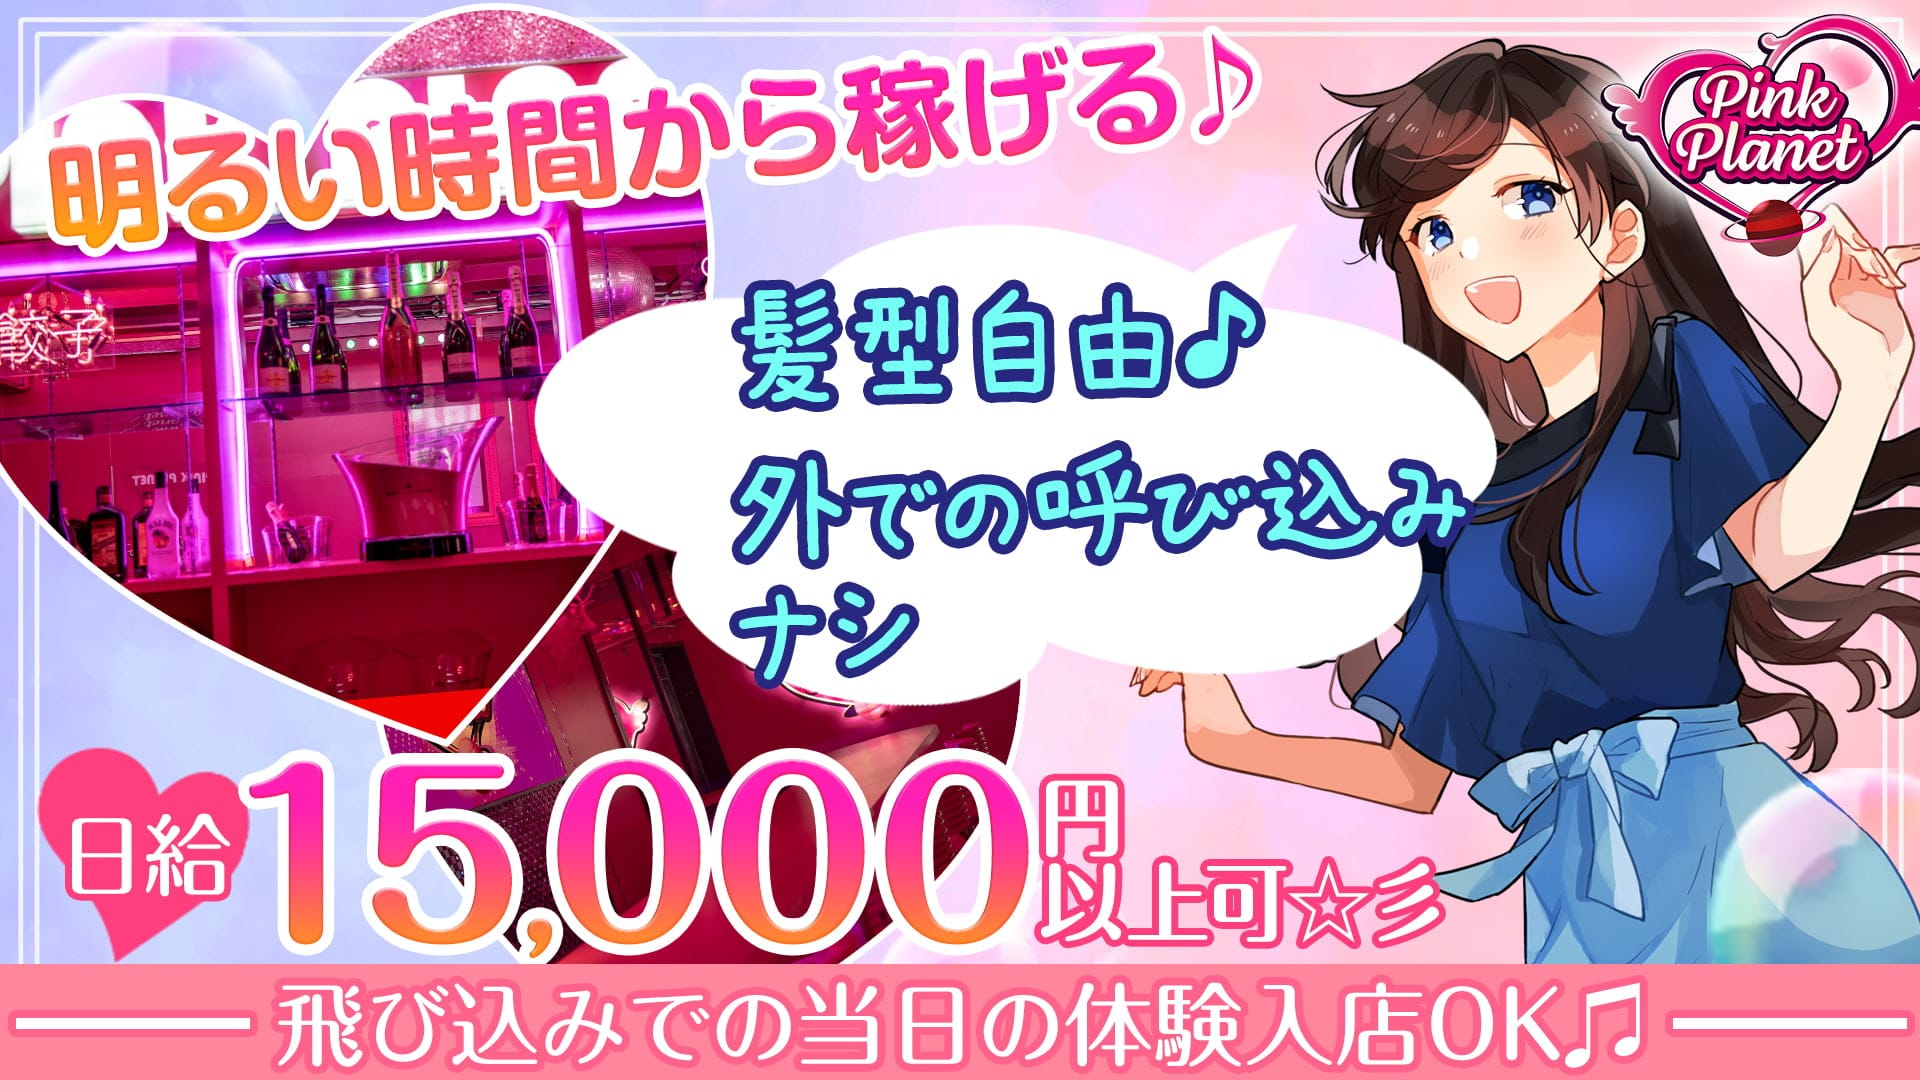 【昼・夜】PINK PLANET (ピンクプラネット)【公式求人・体入情報】 歌舞伎町ガールズバー TOP画像